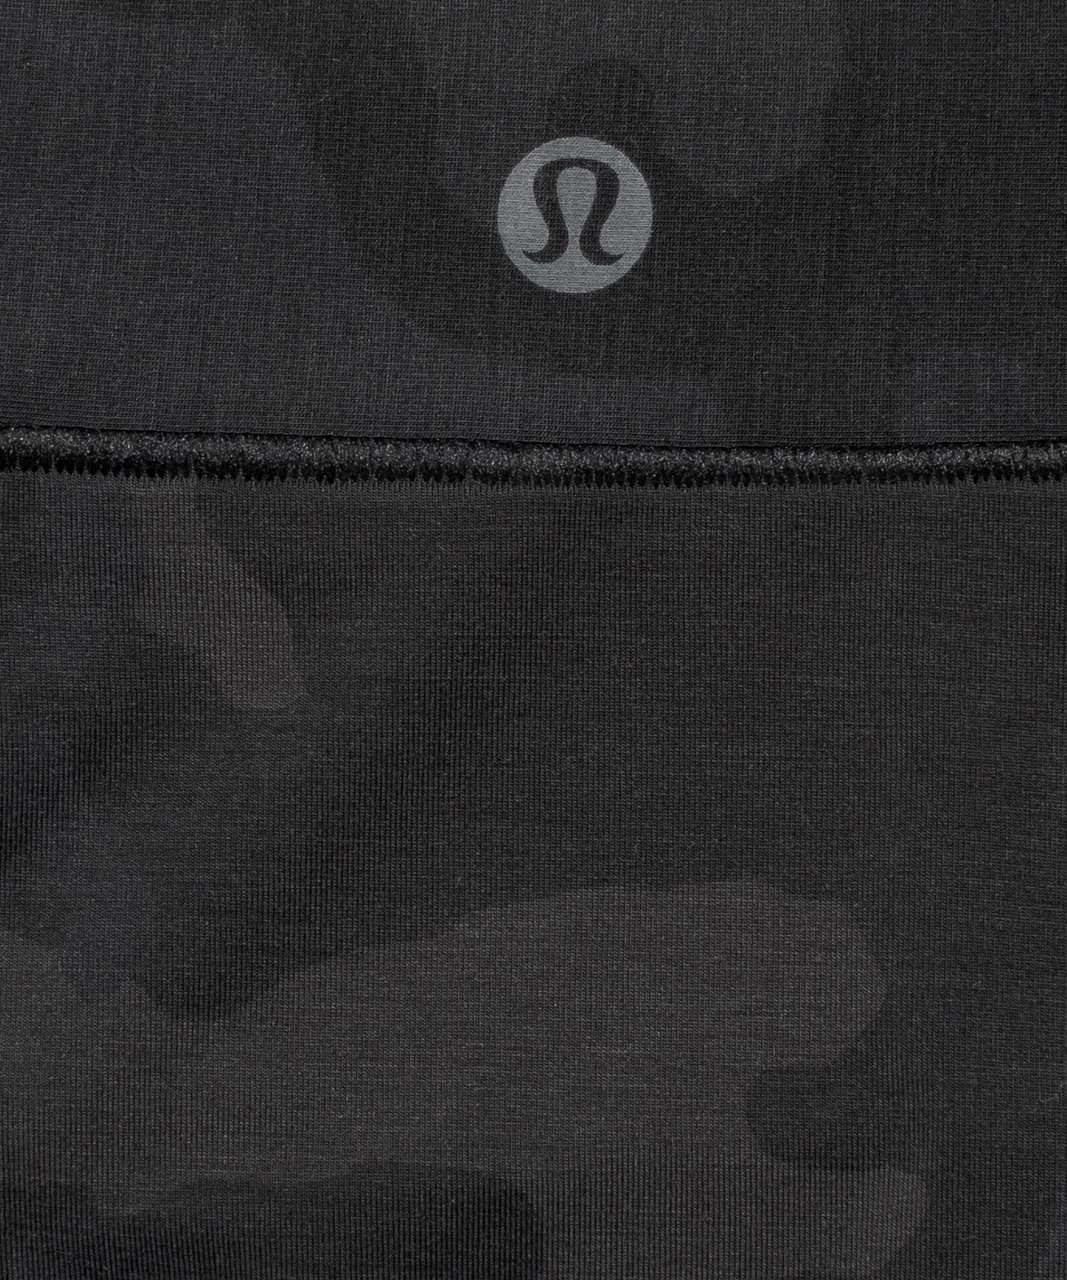 Lululemon UnderEase Mid Rise Bikini Underwear - Incognito Camo Multi Grey